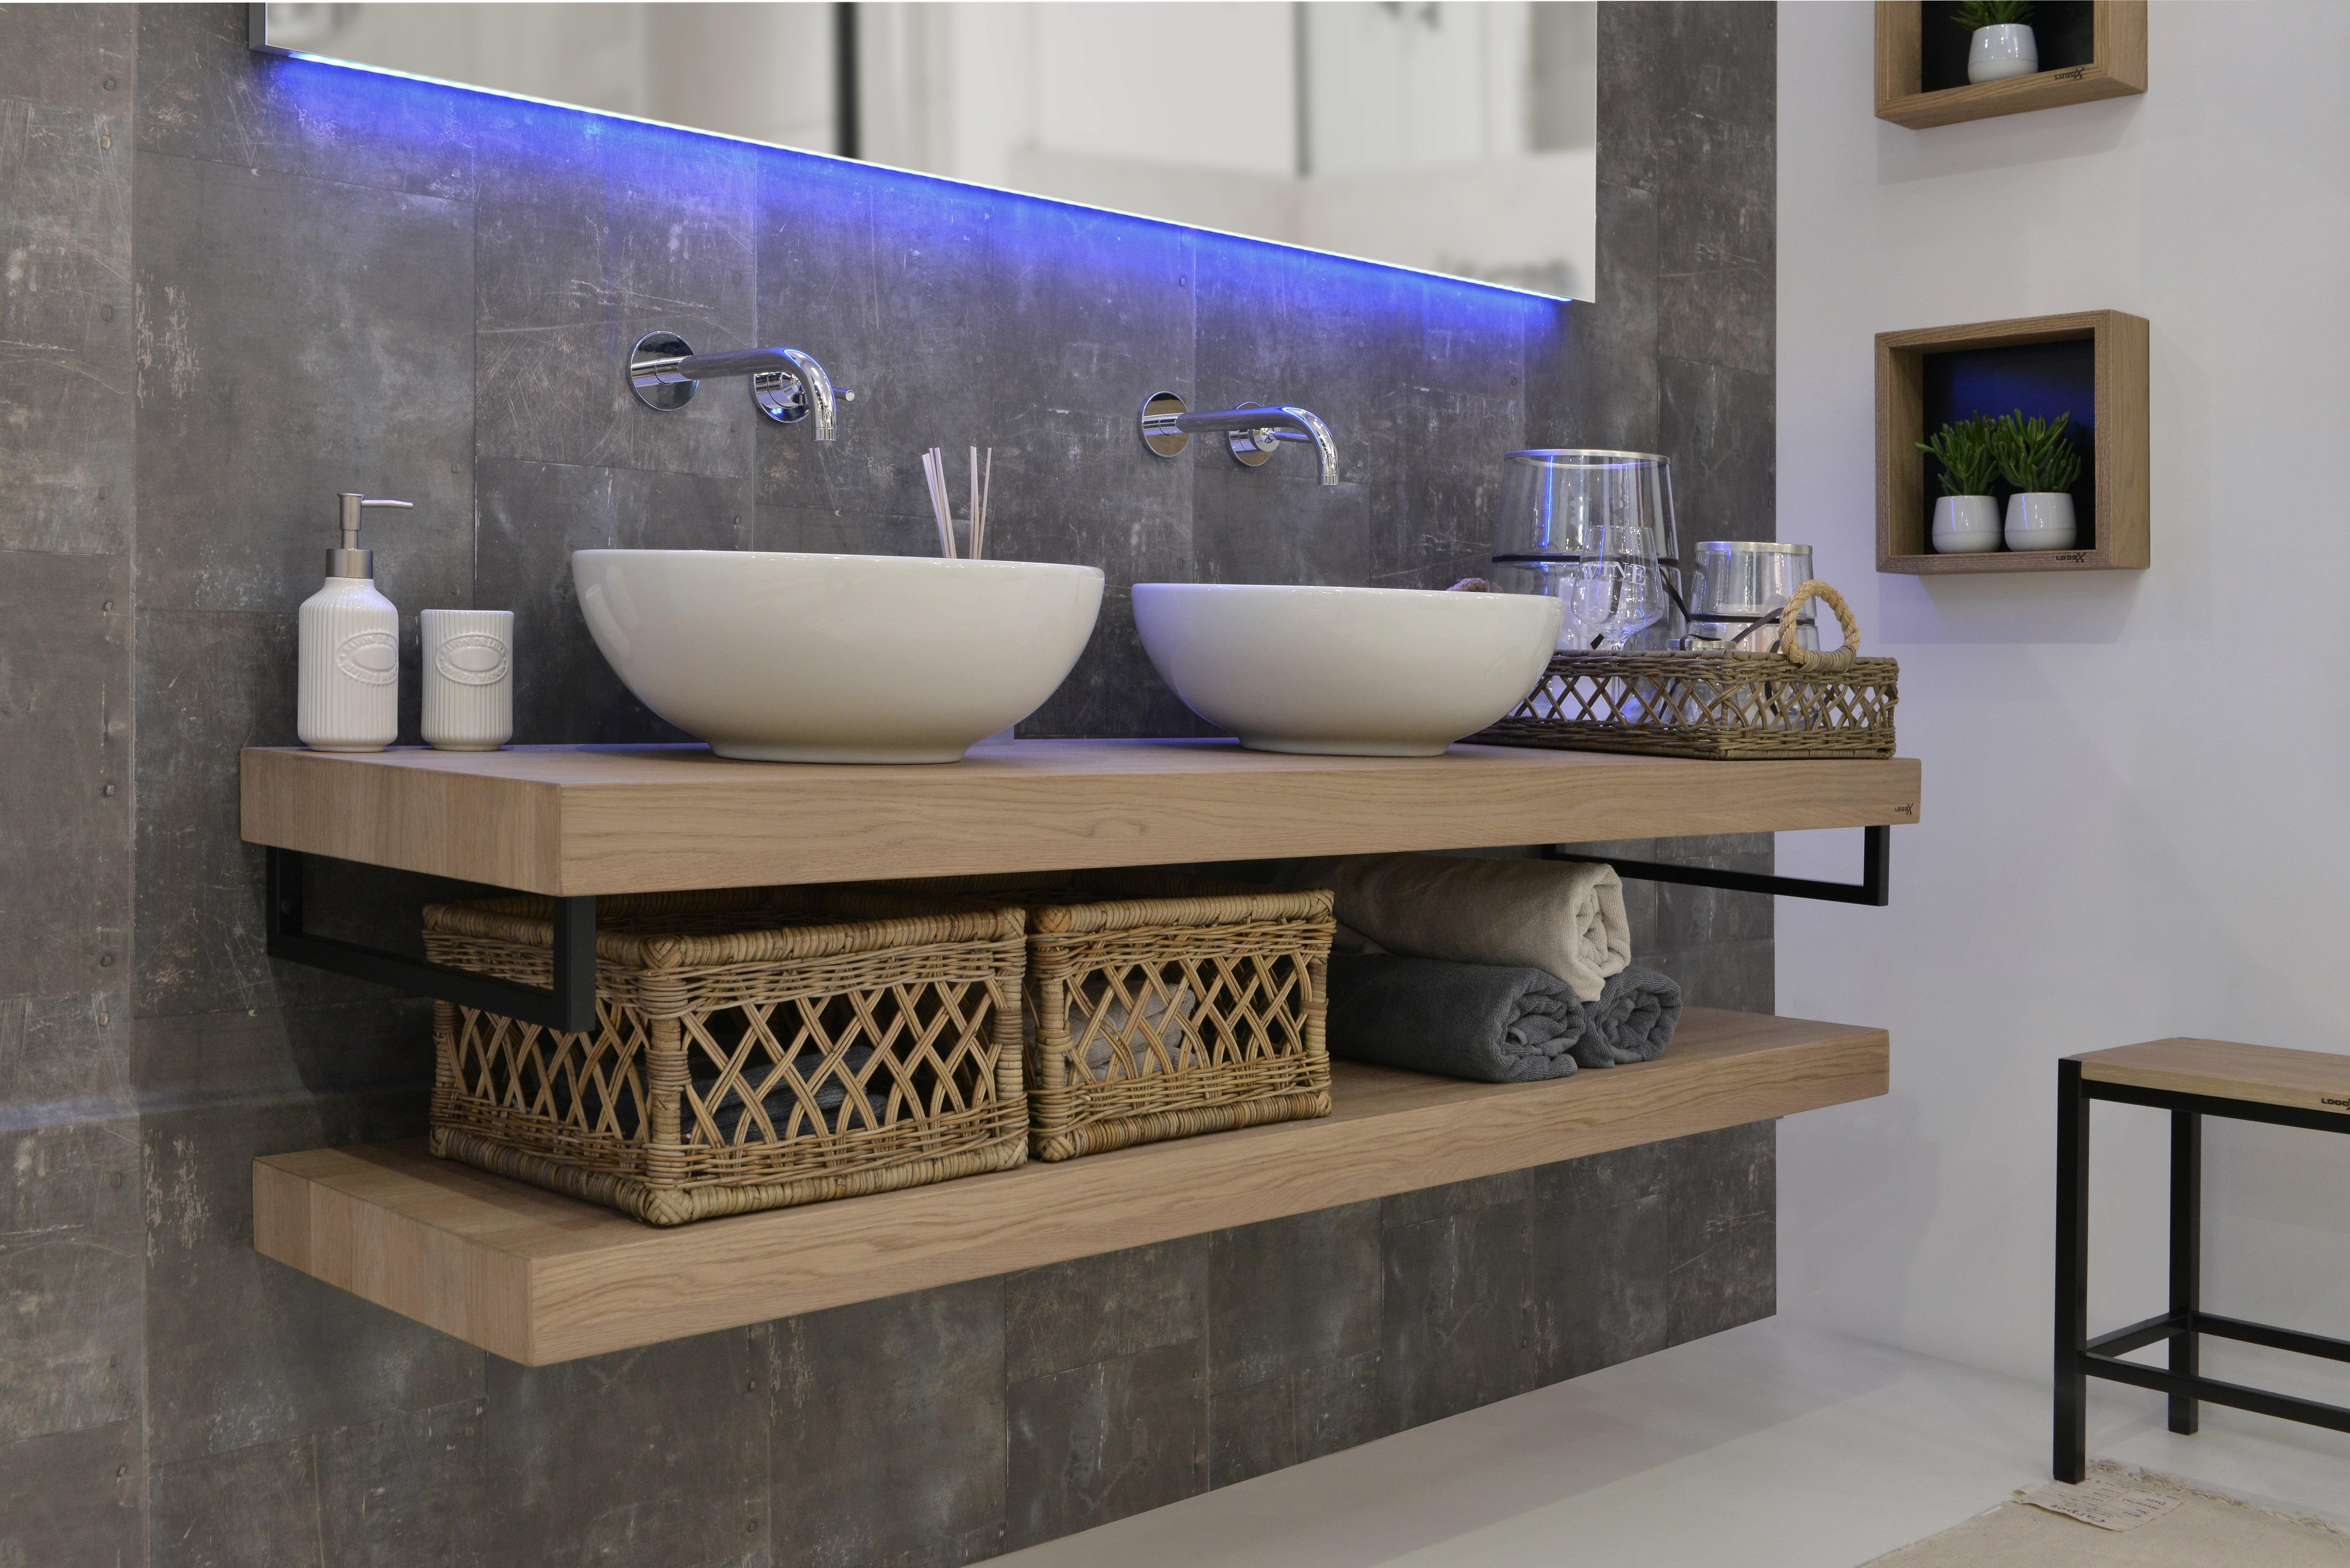 LoooX Wooden Base Shelf Duo 100 cm met handdoekhouders RVS, old grey eiken